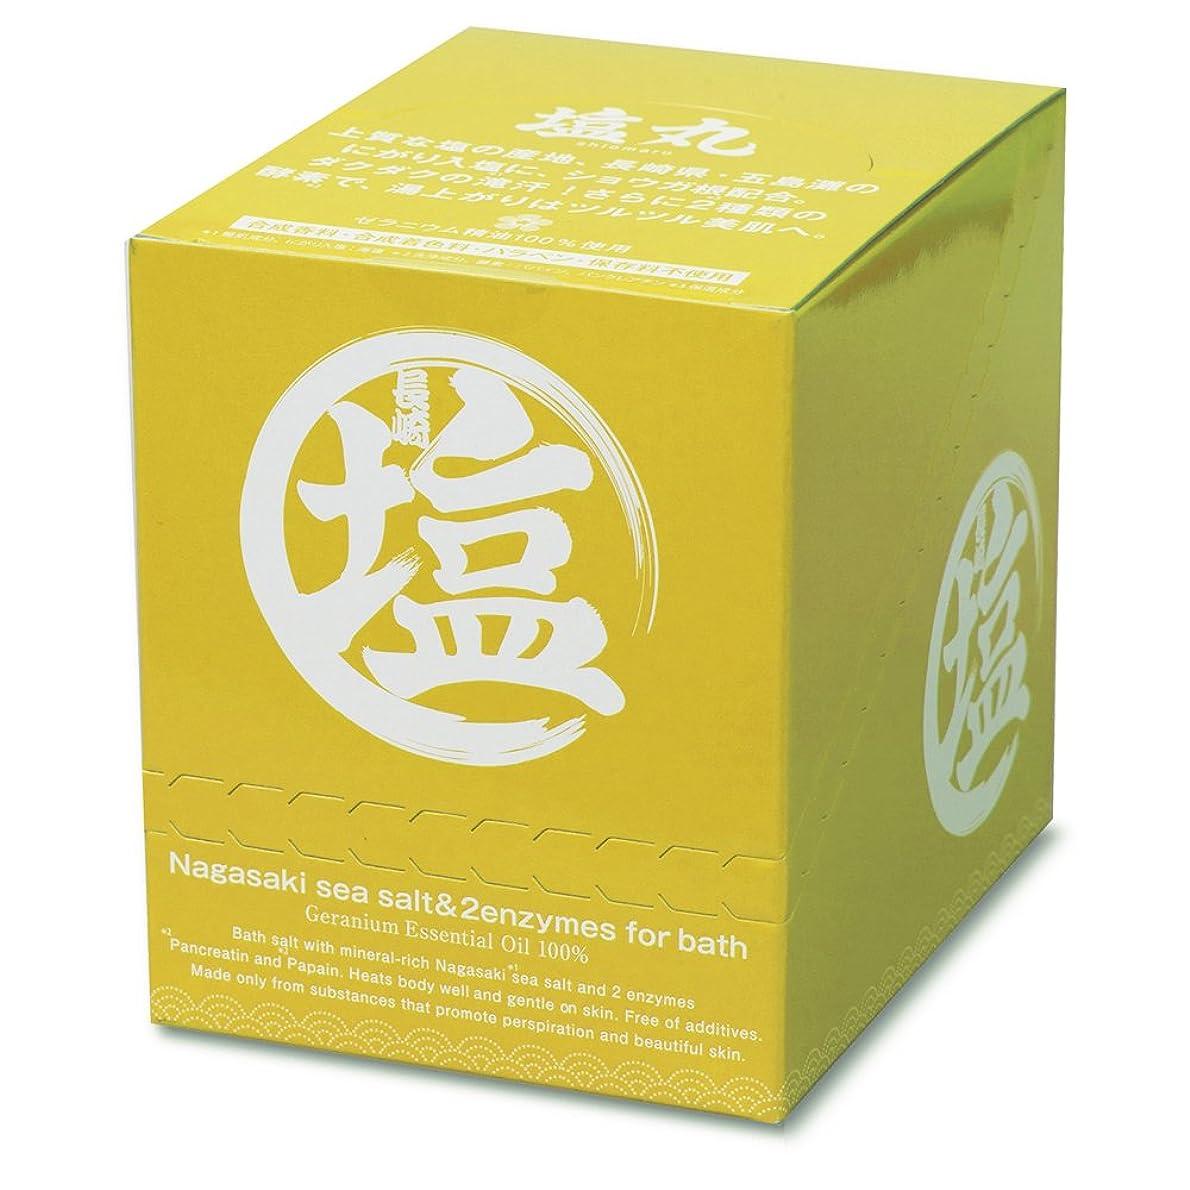 スペア顔料著名な(塩丸)長崎産にがり入海塩入浴剤(40g×12包入)イランイラン精油/合成香料?合成着色料?保存料不使用